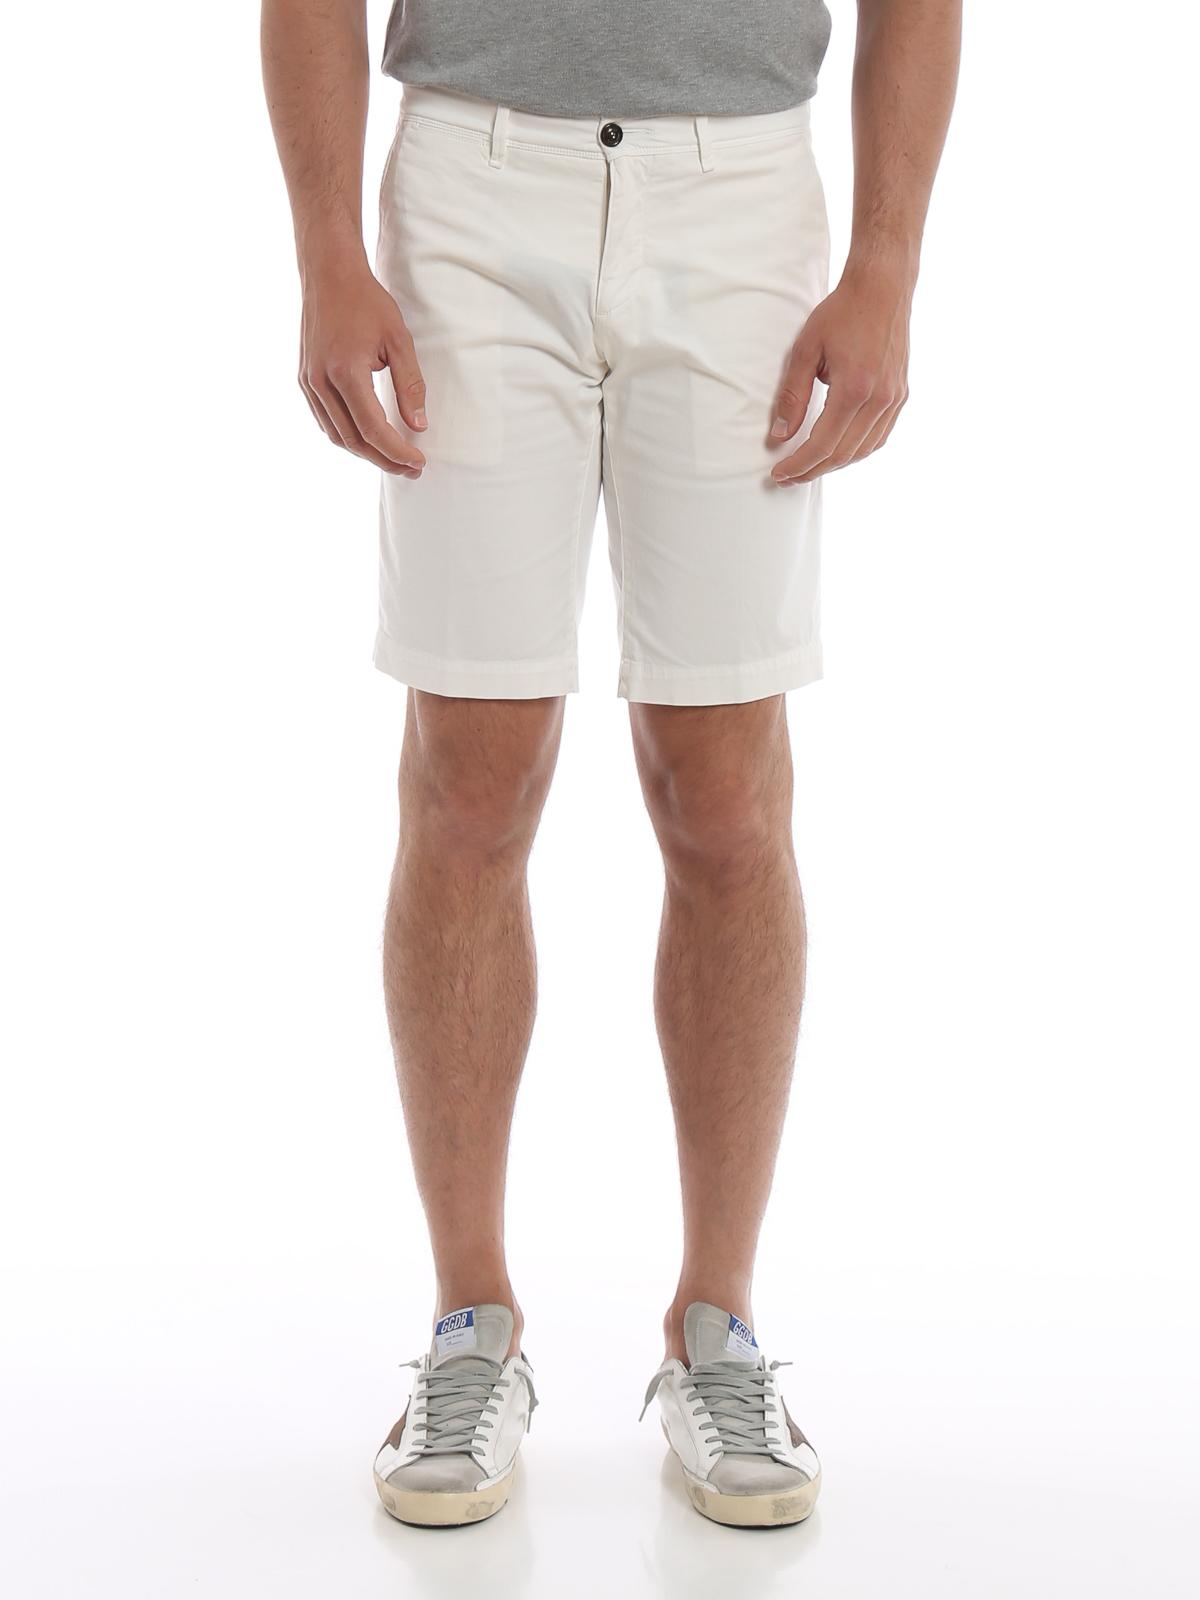 Shorts Beige von Moncler Hosen Shorts